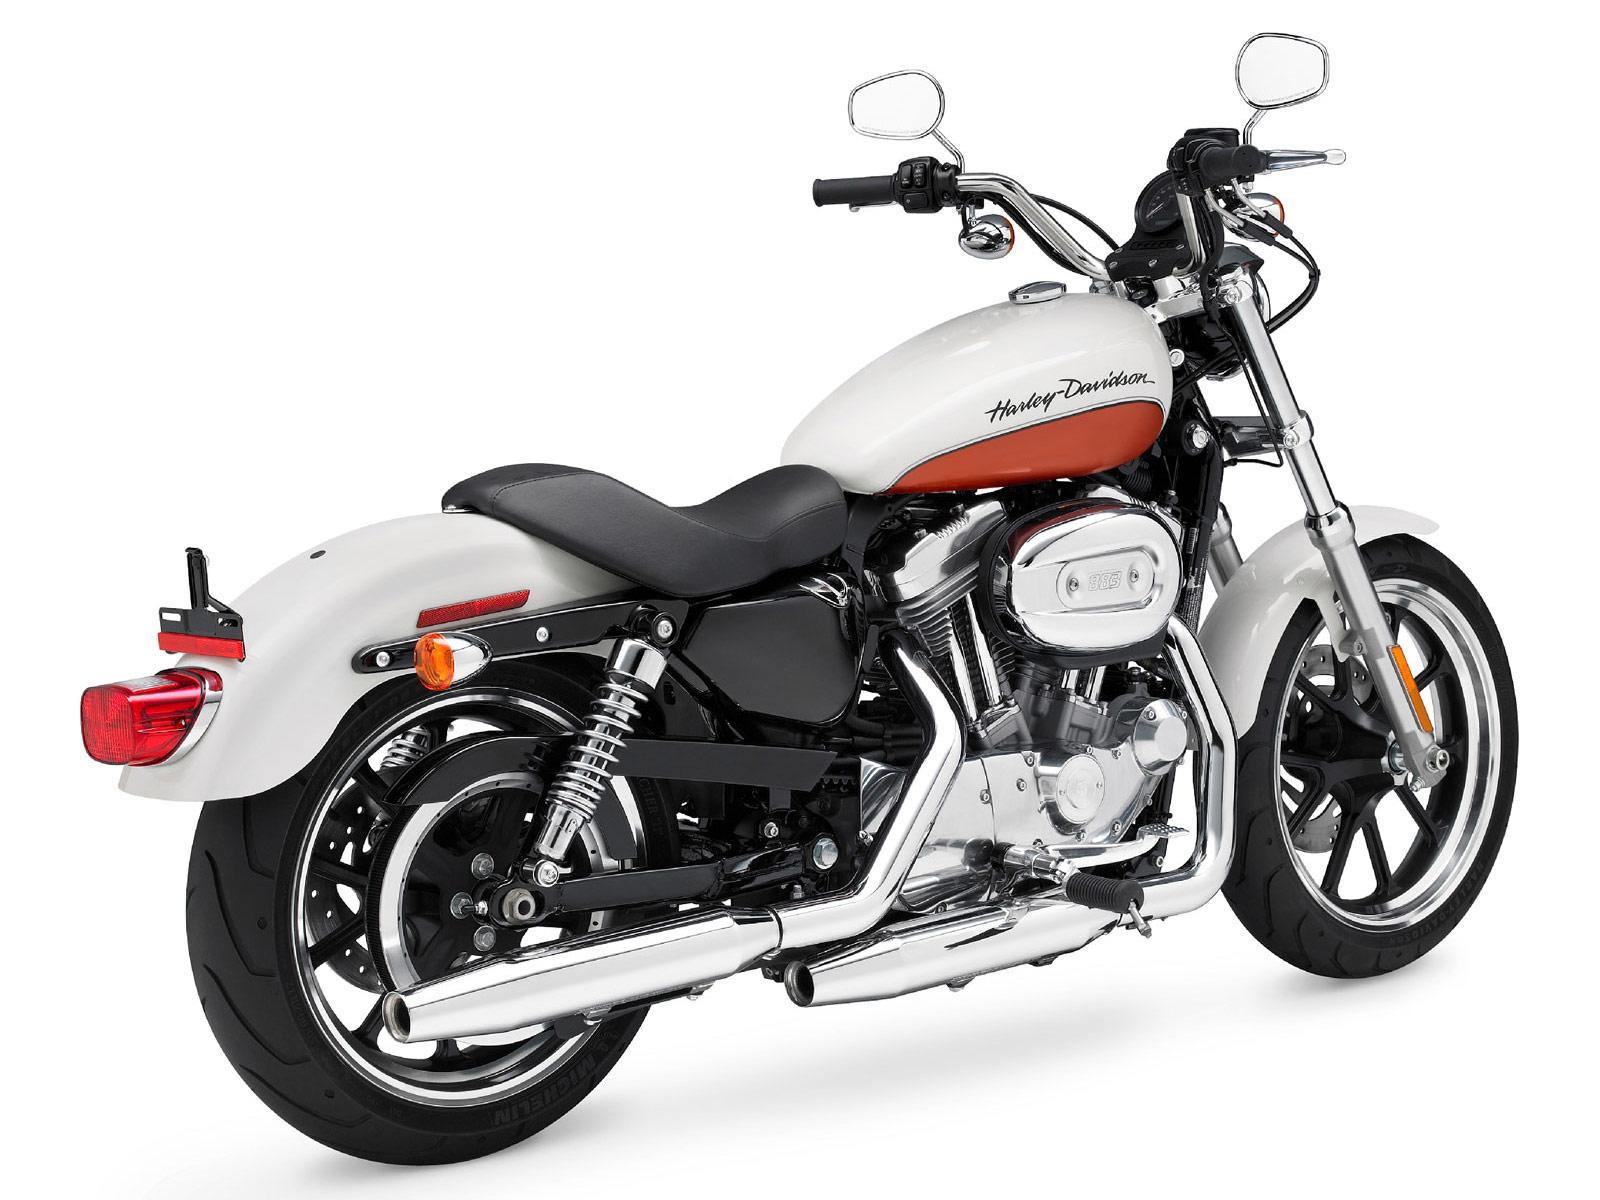 motorcycle big bike harley davidson xl 883l sportster 883. Black Bedroom Furniture Sets. Home Design Ideas